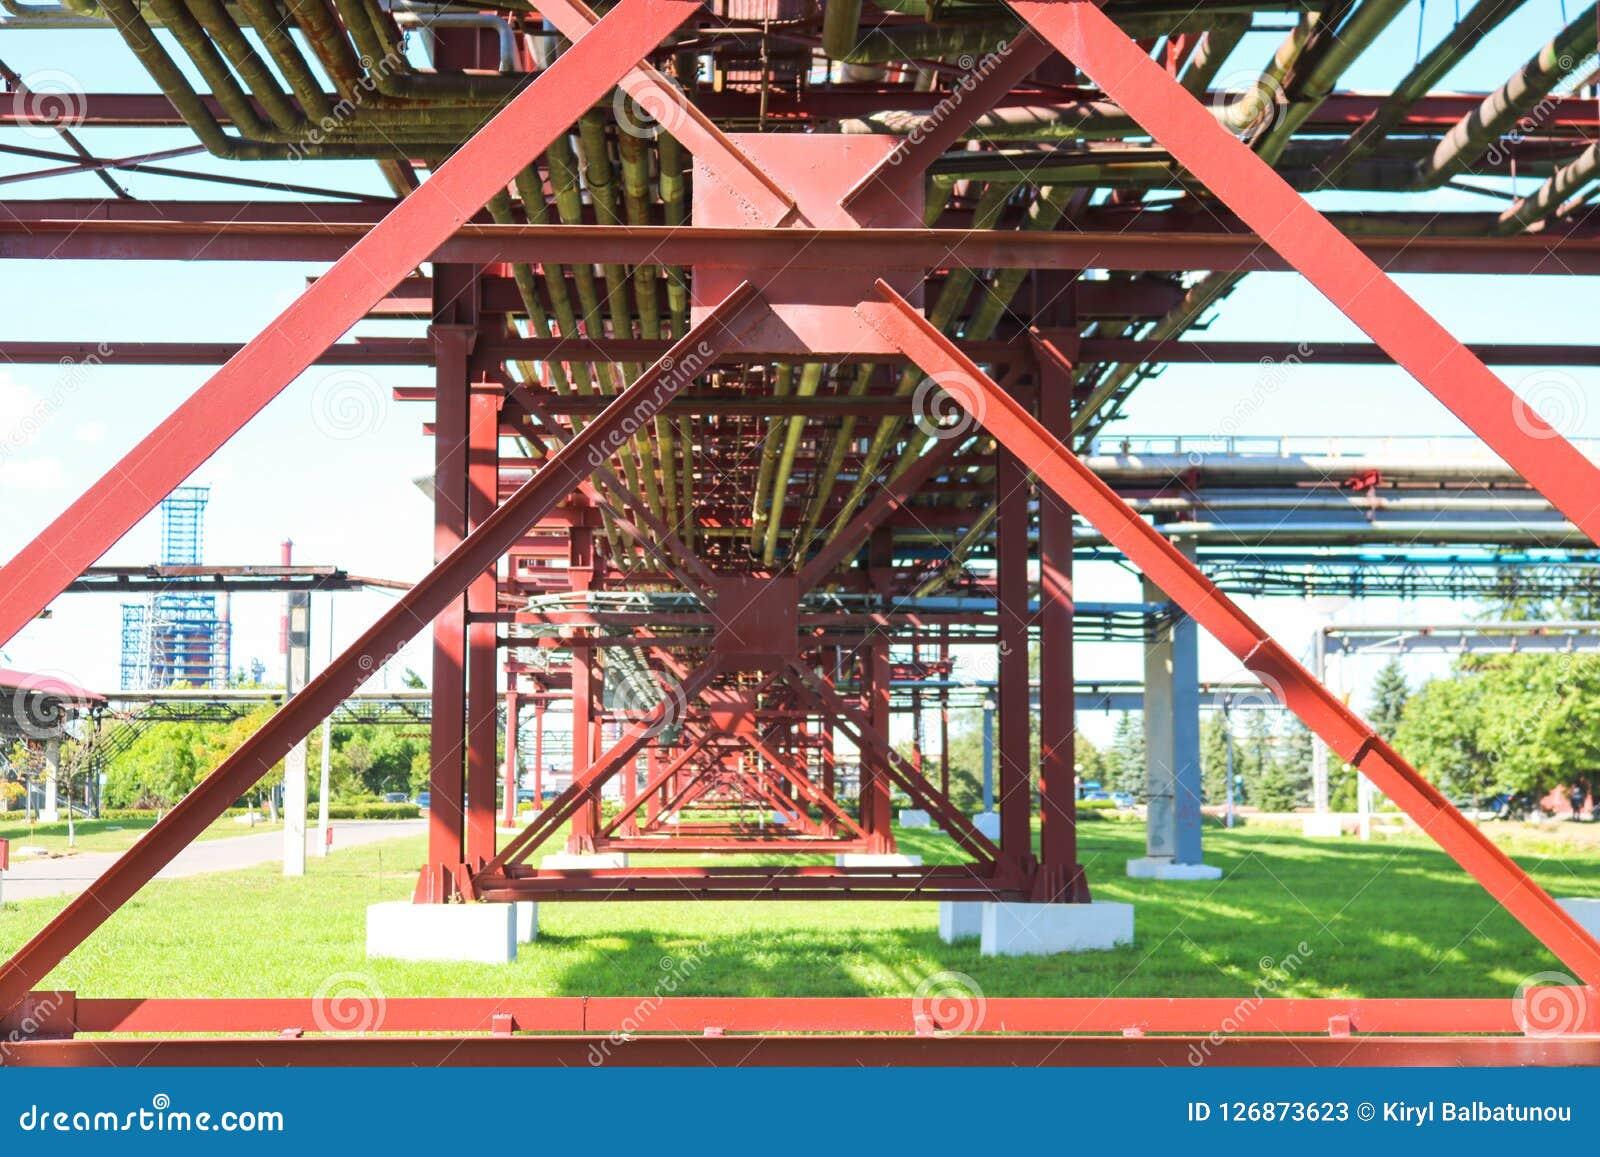 Costruzioni metalliche rosse, contributi della ruota ai tubi, cavalletto della conduttura dai grandi fasci, mucchi e rinforzi all